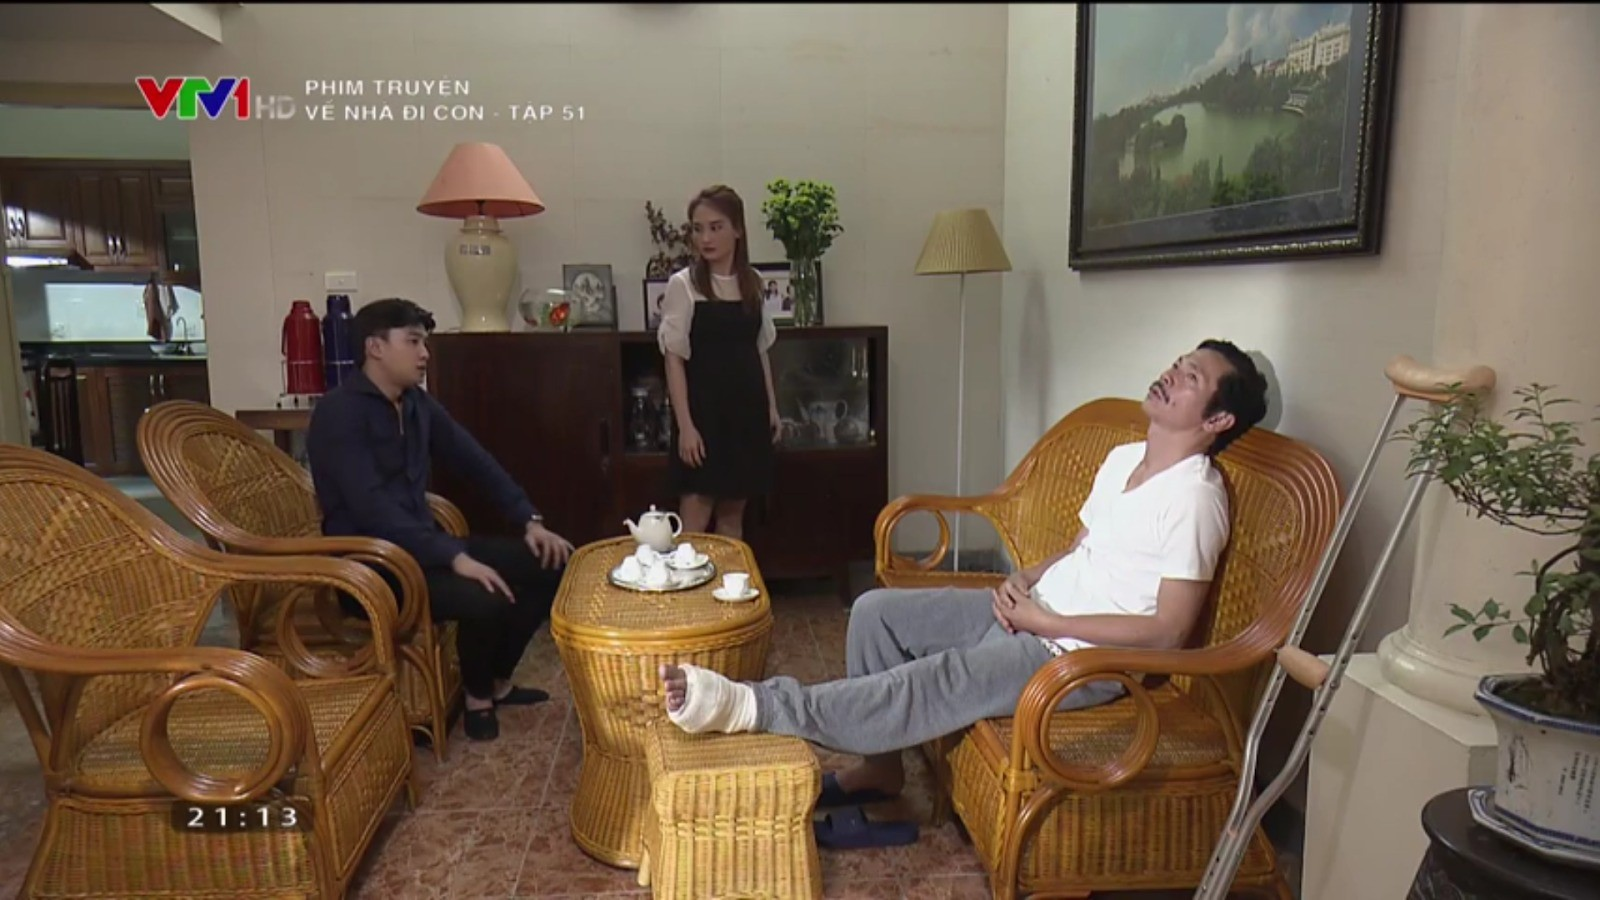 Về Nhà Đi Con tập 51: Tạm biệt tomboyloichoi, cả nhà ra đây mà xem Ánh Dương lồng lộn ăn diện như đi nhảy đầm nè! - Ảnh 12.